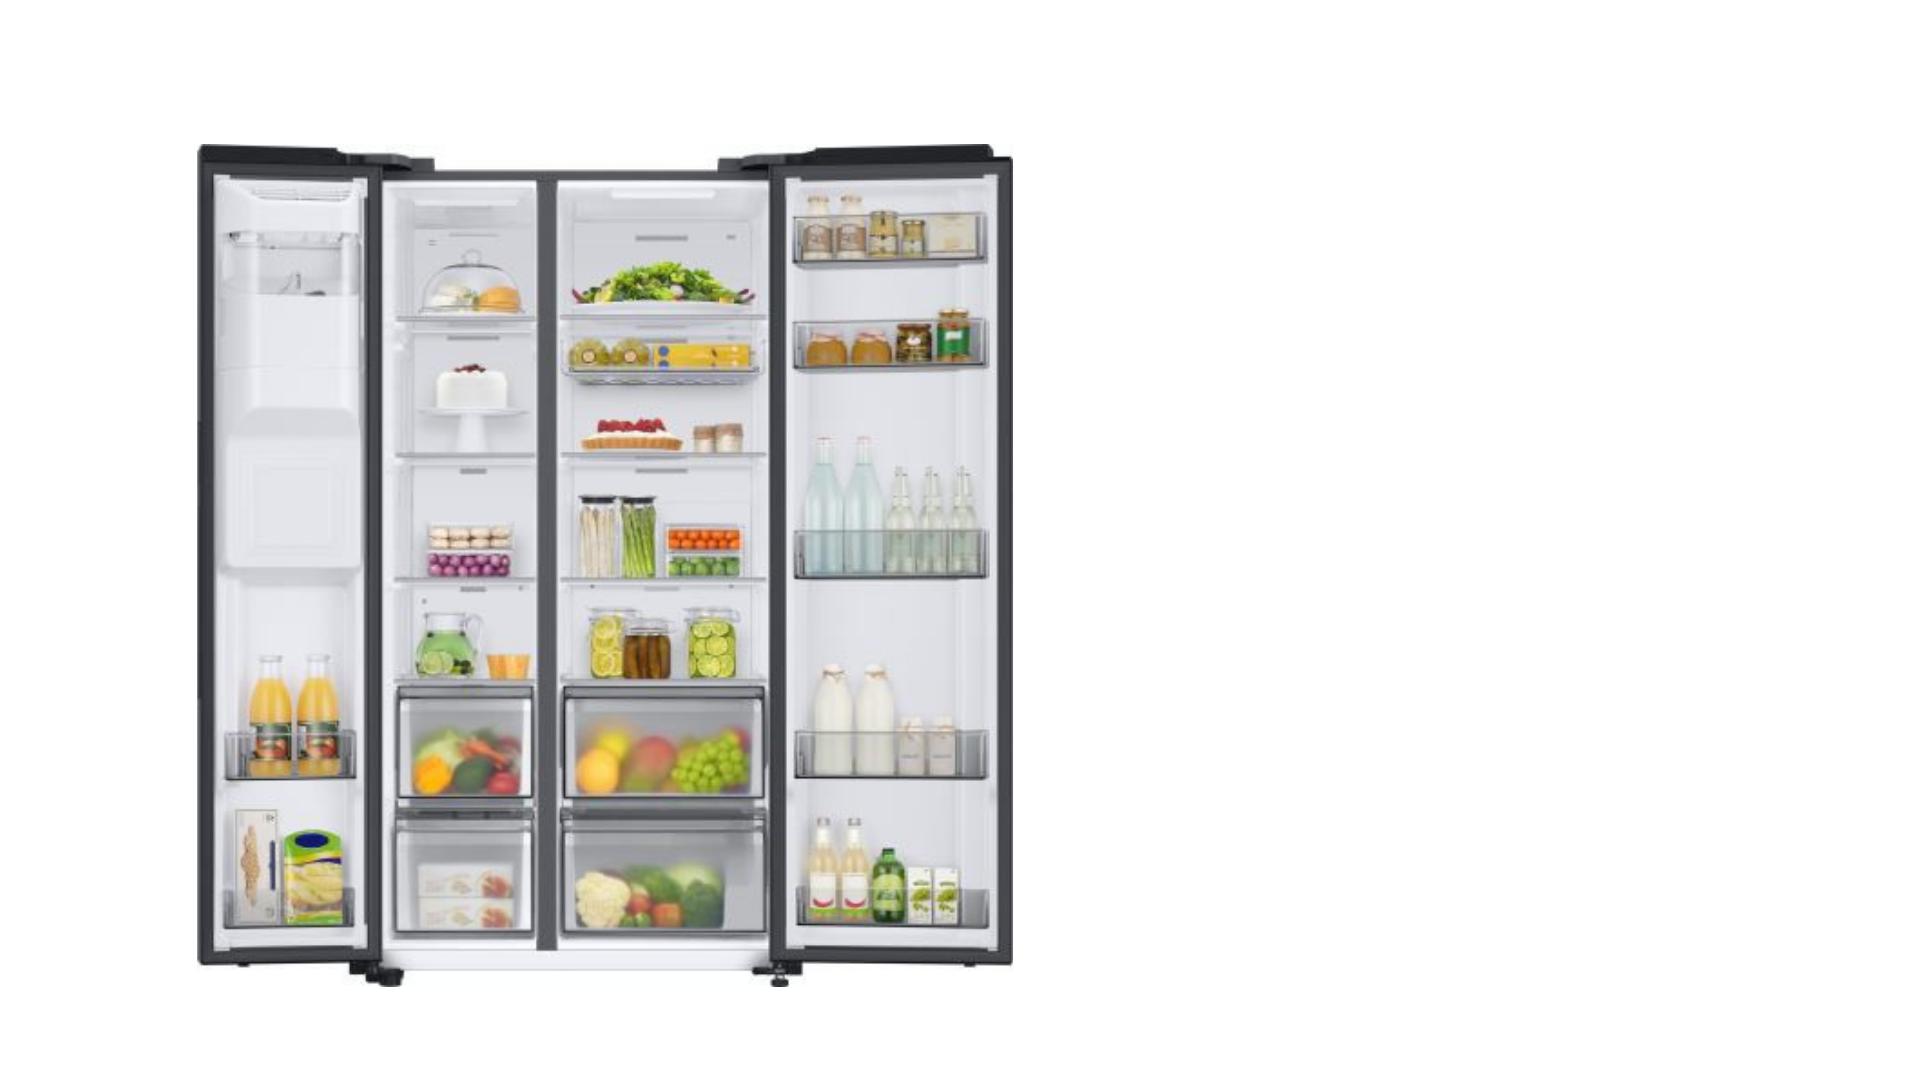 Samsumg akciós hűtőszekrények